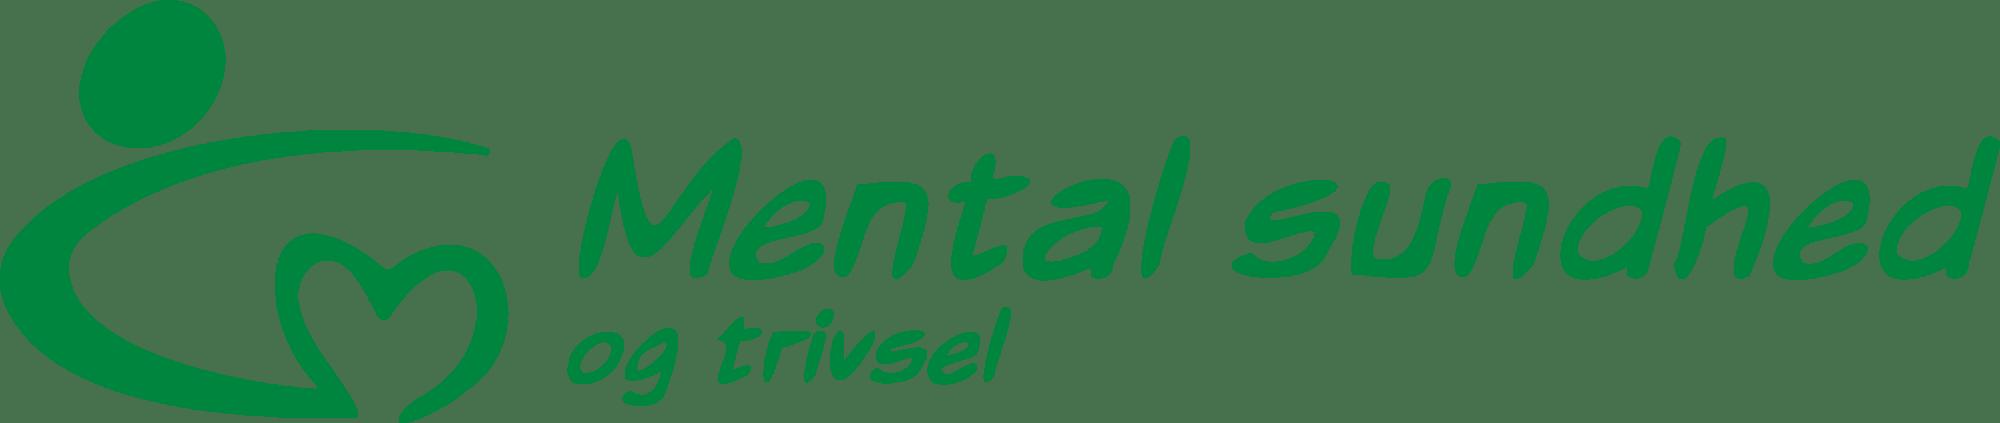 Mental sundhed og trivsel